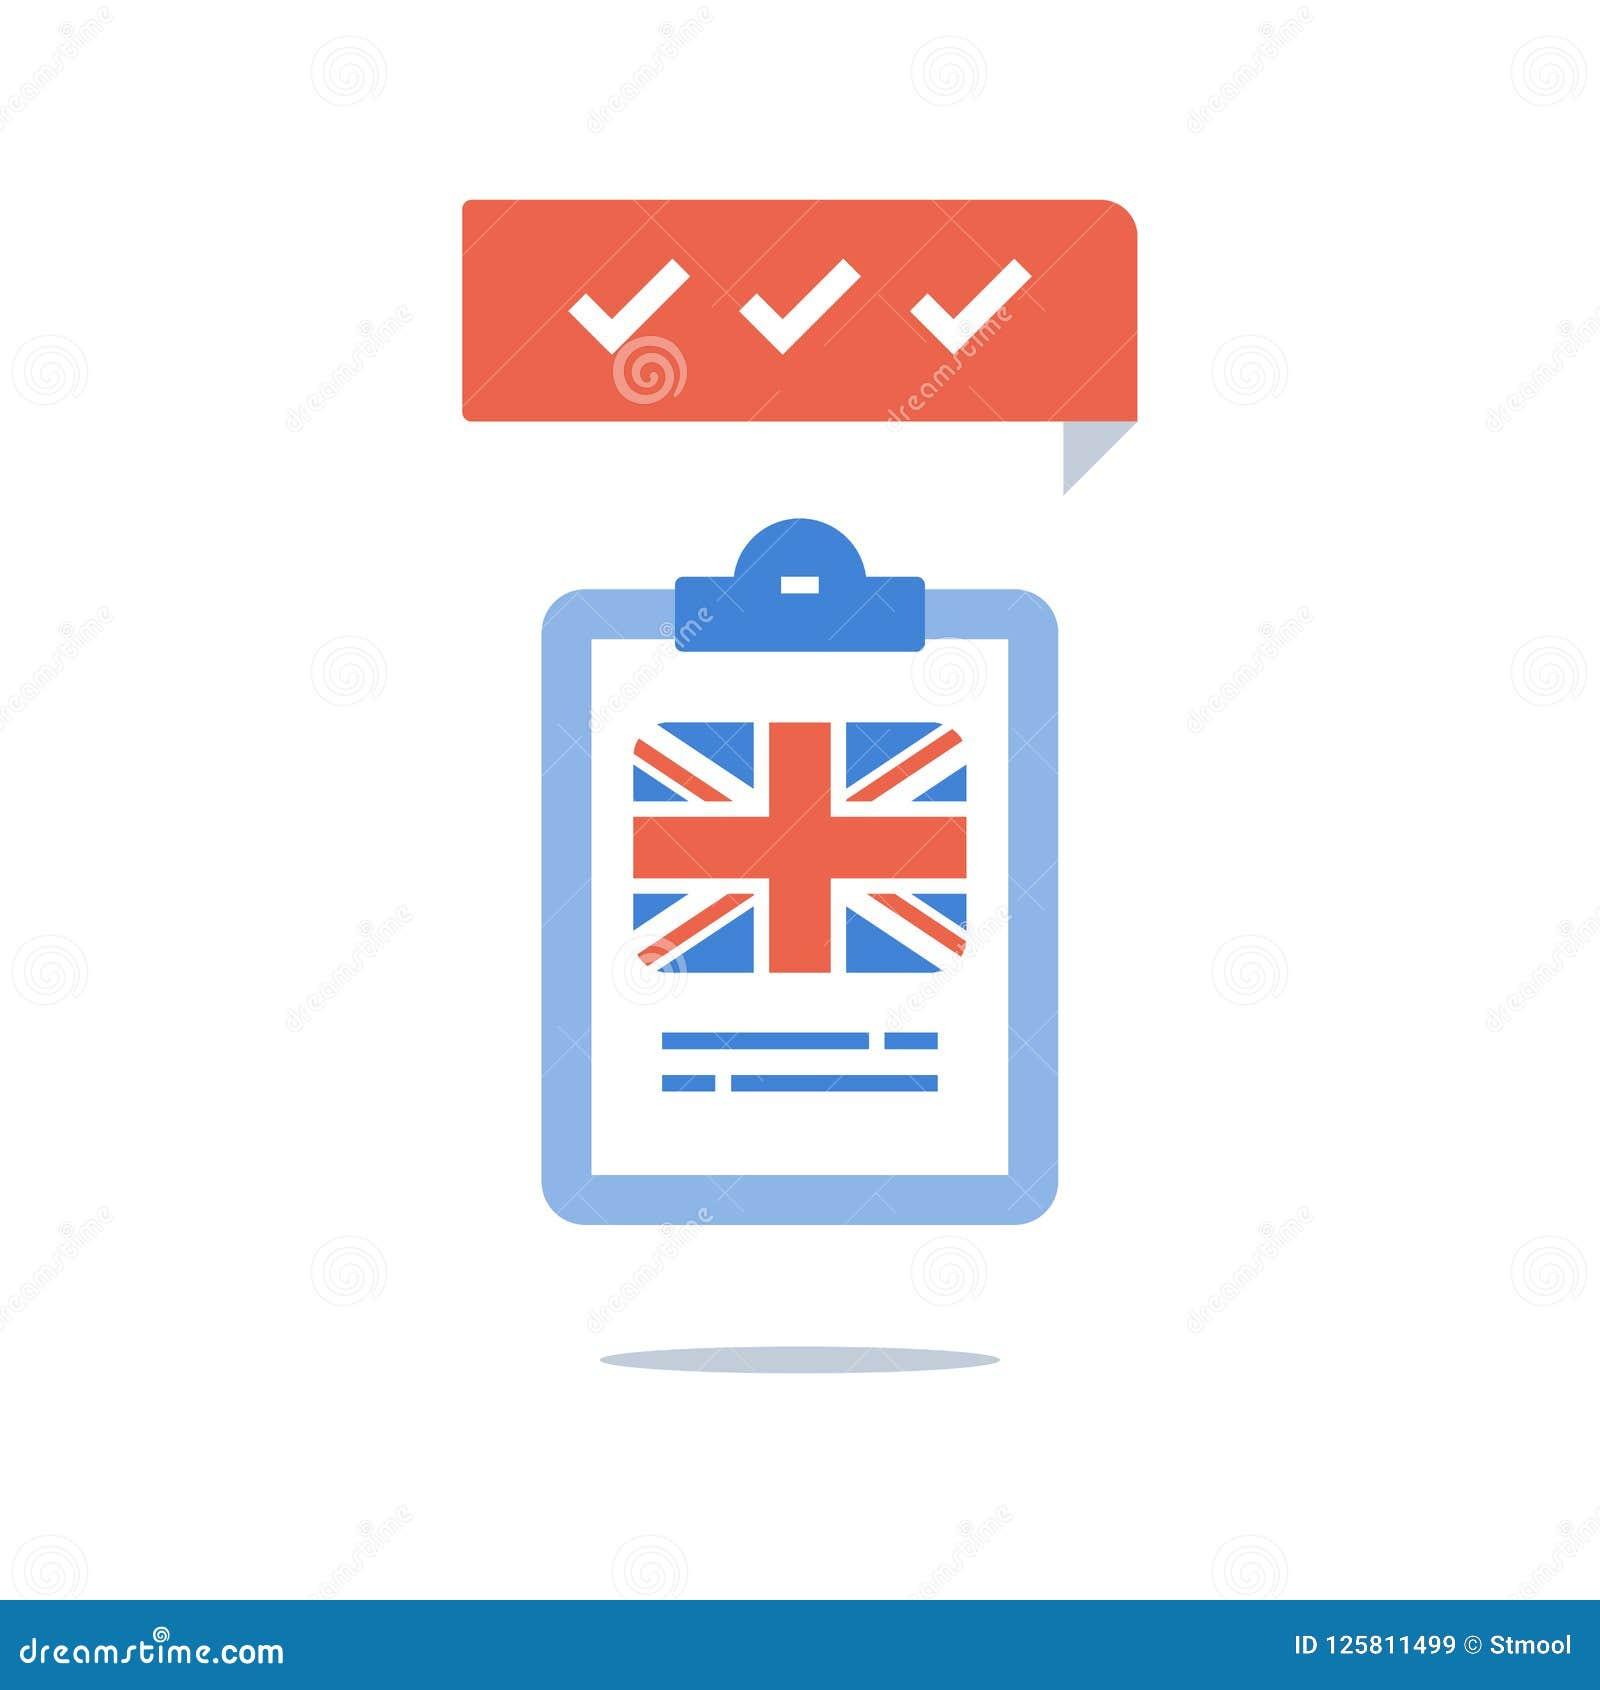 British English Language, Education Program, Fast Training Course